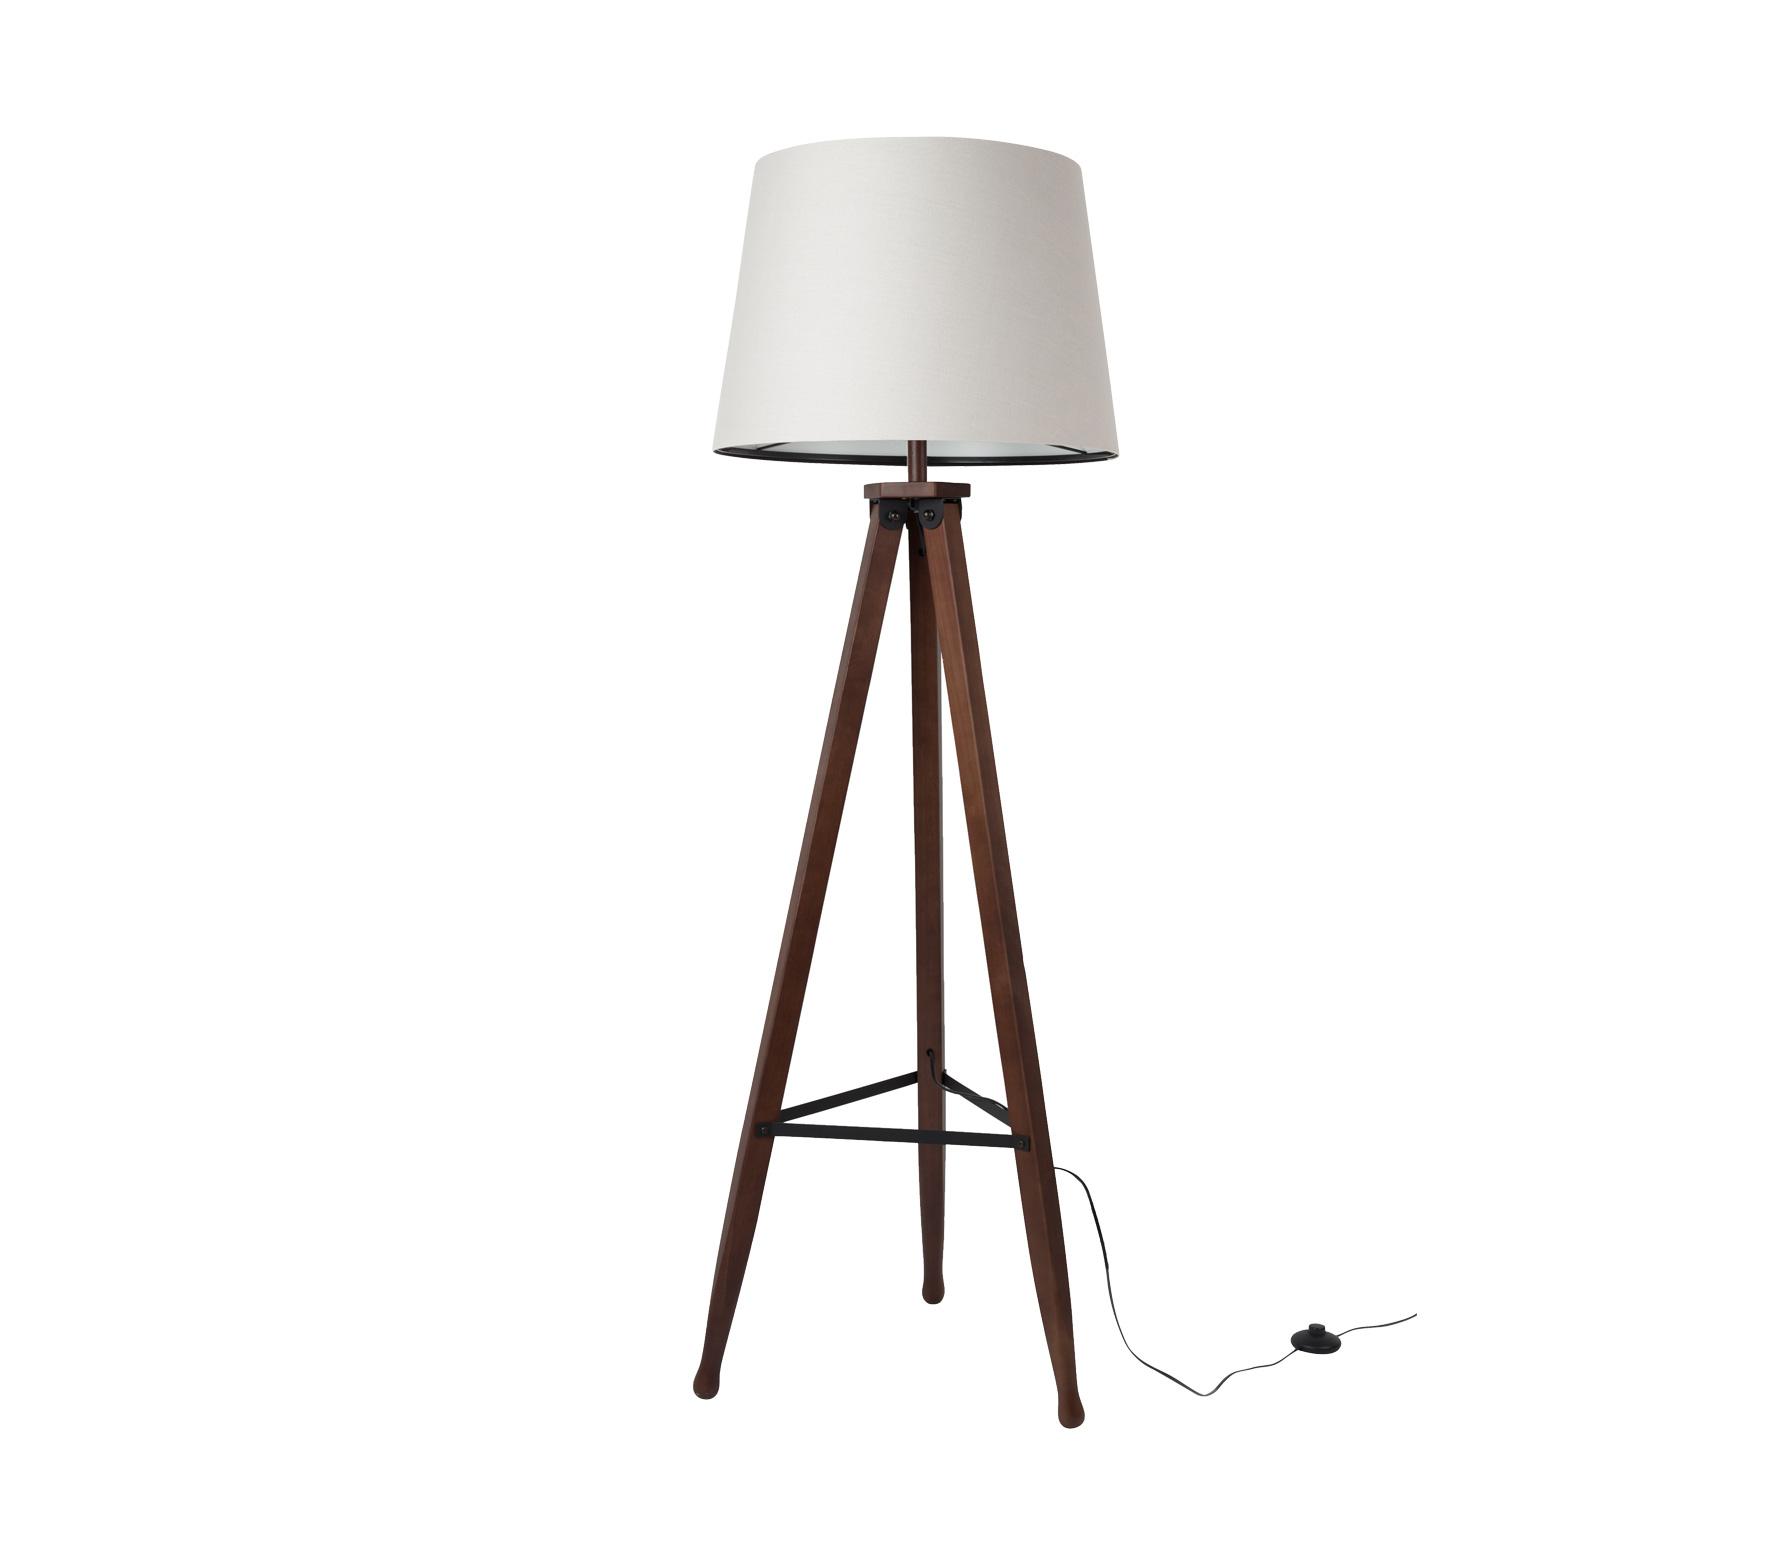 Dutchbone RIF staande vloerlamp vrijstaand